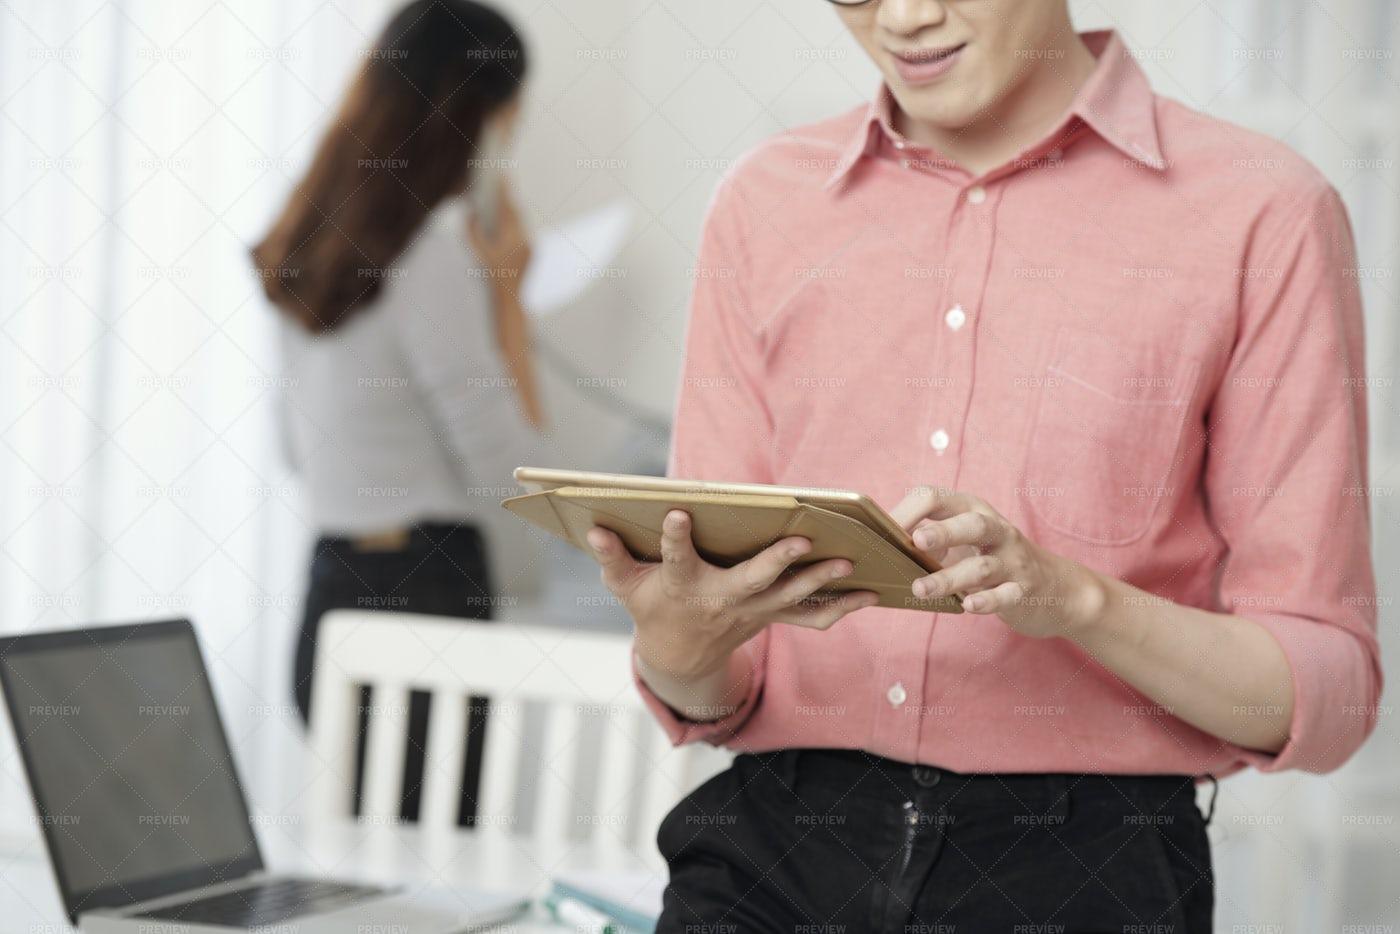 Crop Modern Man Using Tablet At...: Stock Photos